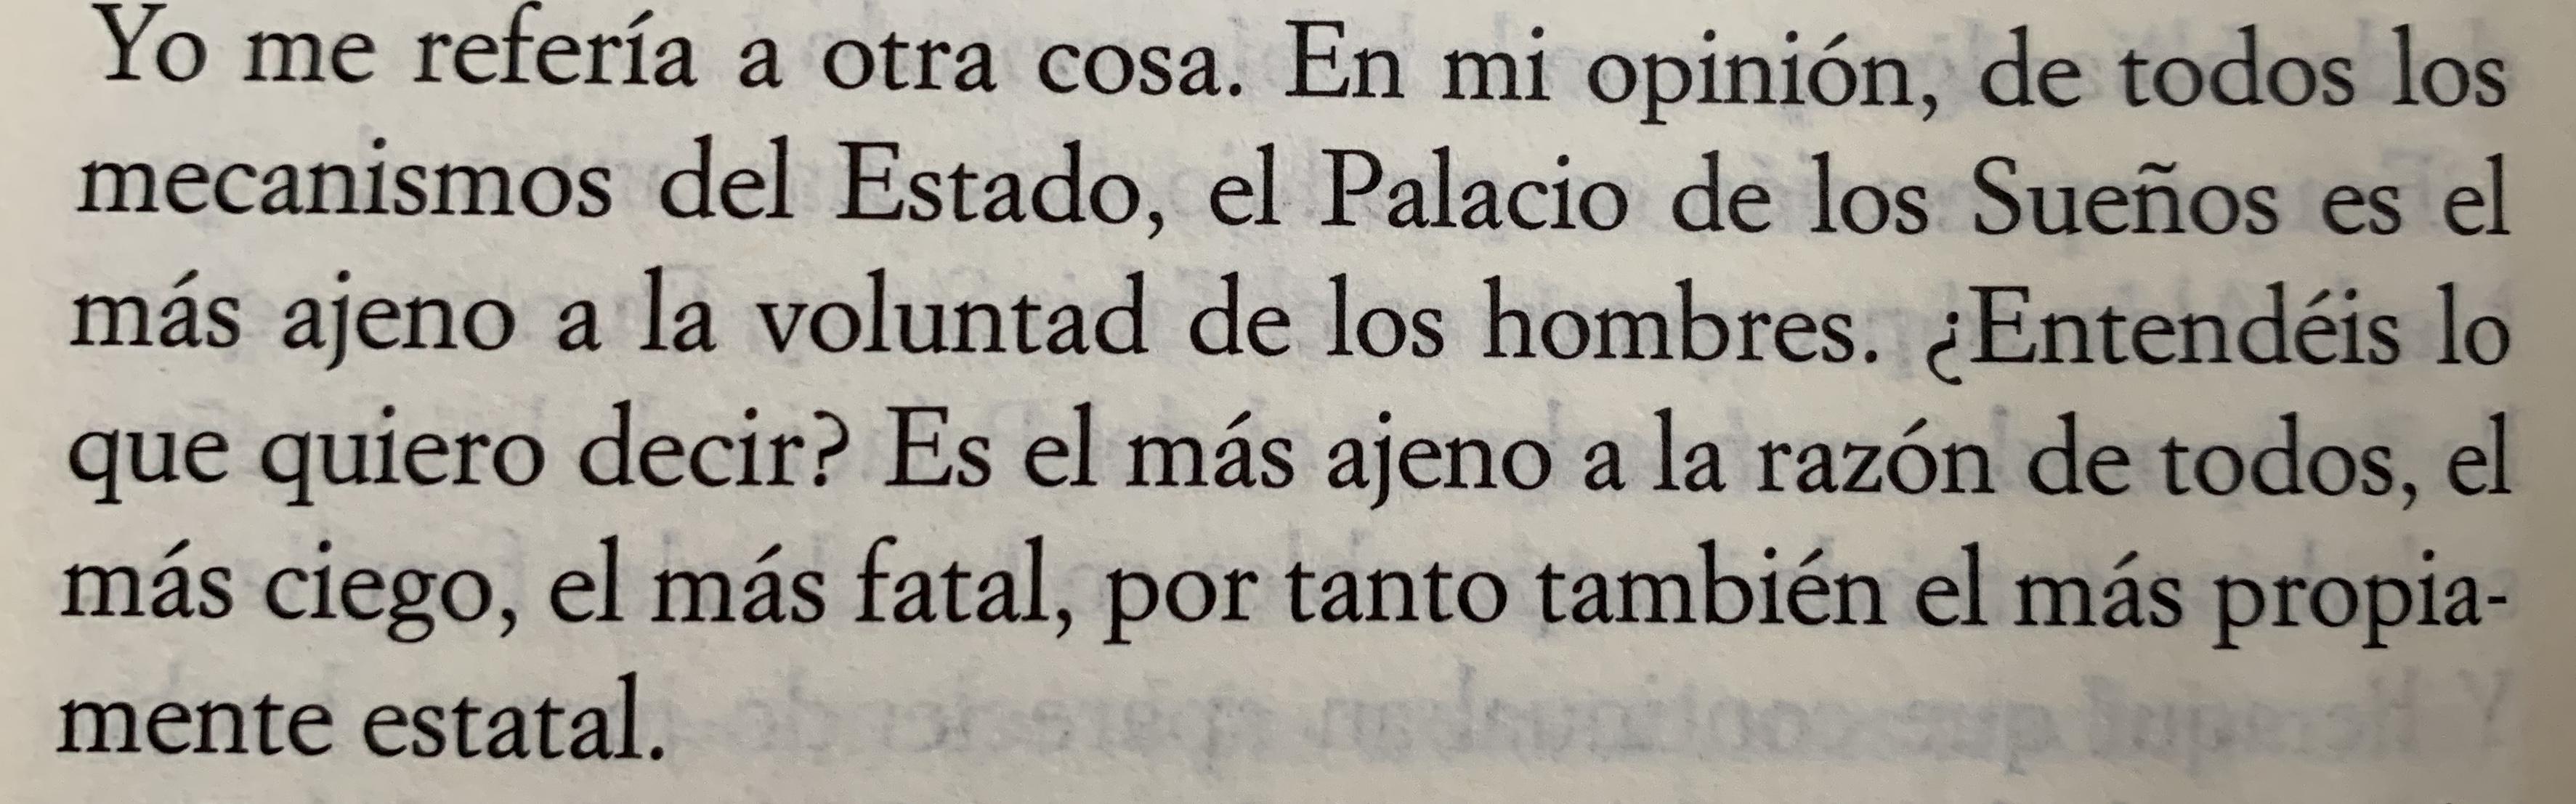 Fragmento del libro El palacio de los sueños de Ismail Kadaré